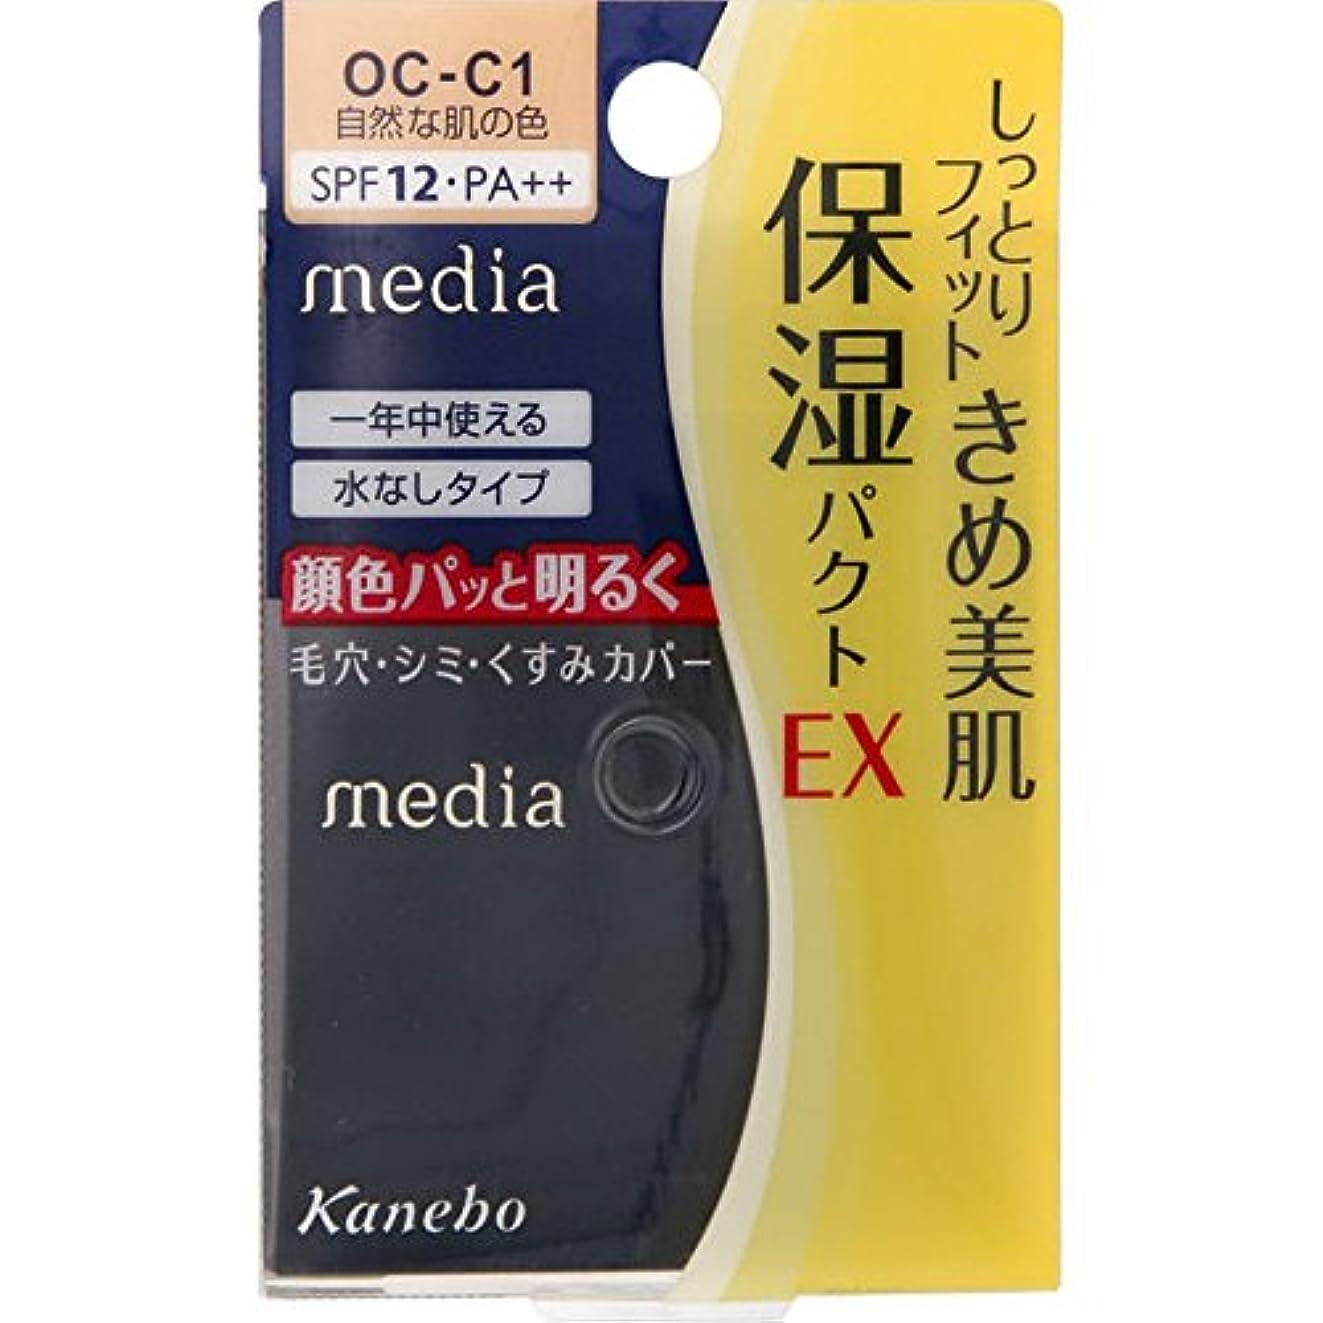 開梱誰の急速なカネボウ メディア モイストフィットパクトEX OC-C1(11g)